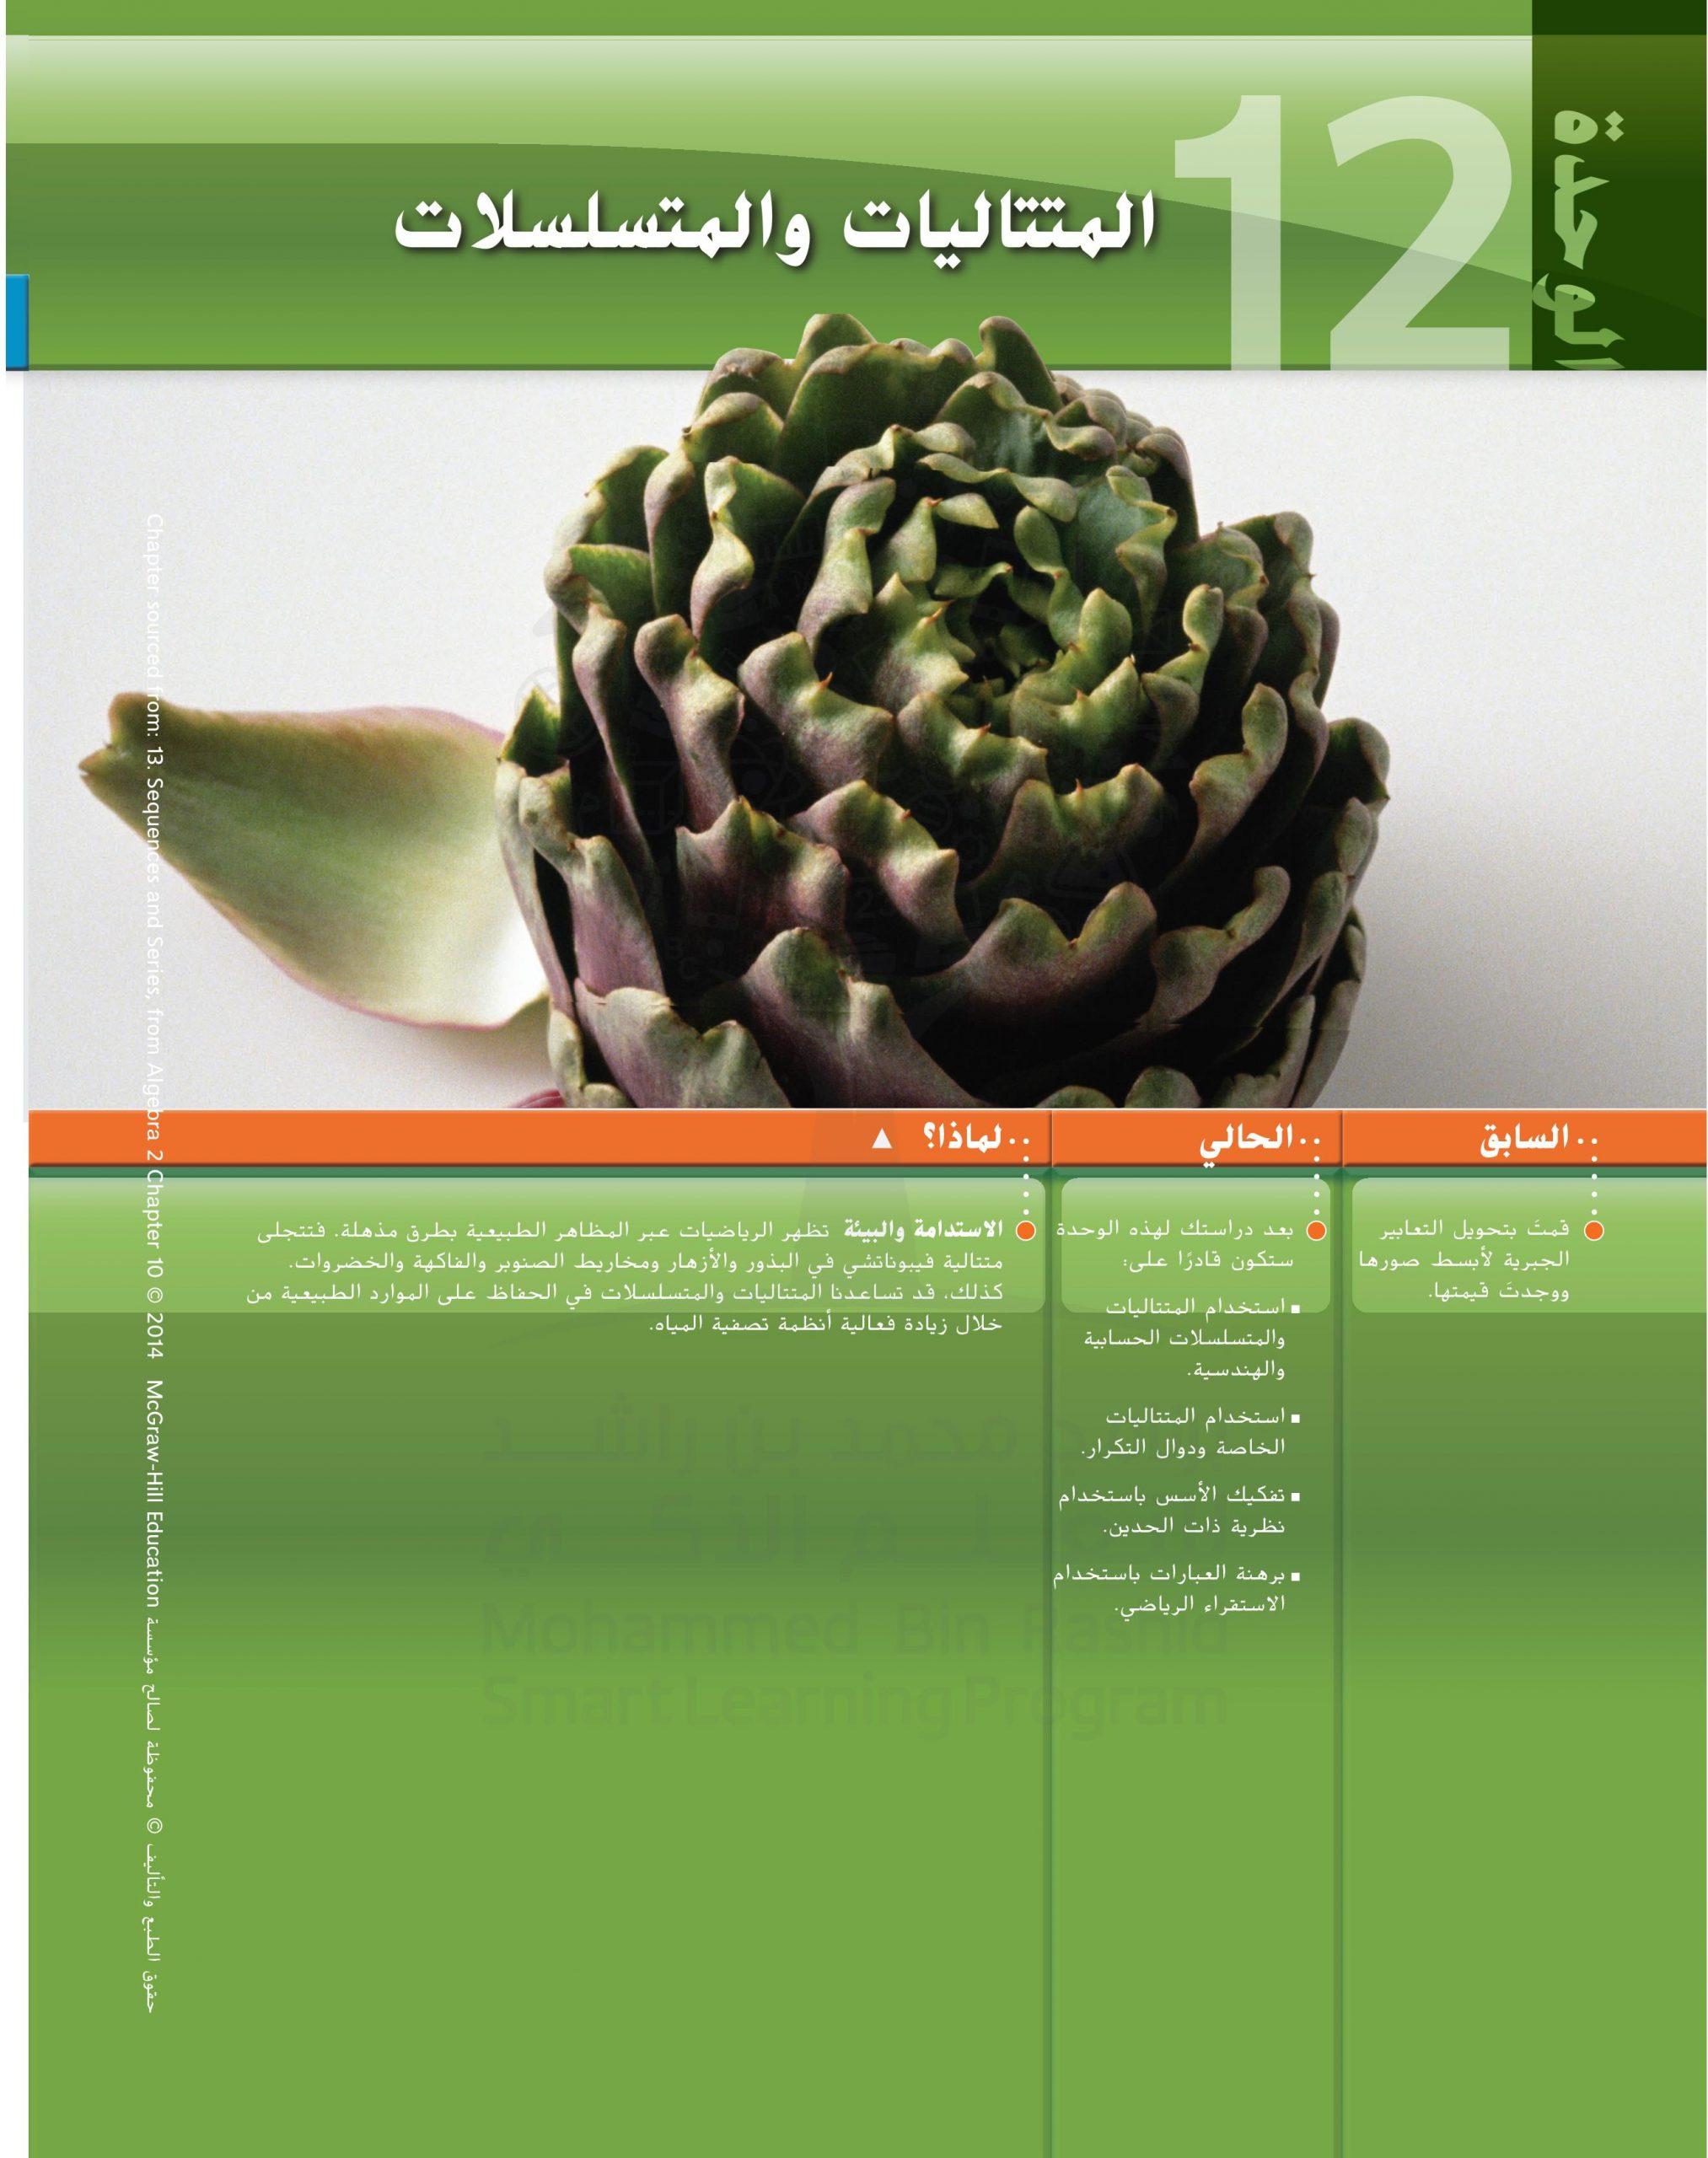 كتاب الطالب وحدة المتتاليات والمتسلسلات الفصل الدراسي الثالث 2020-2021 الصف العاشر عام مادة الرياضيات المتكاملة